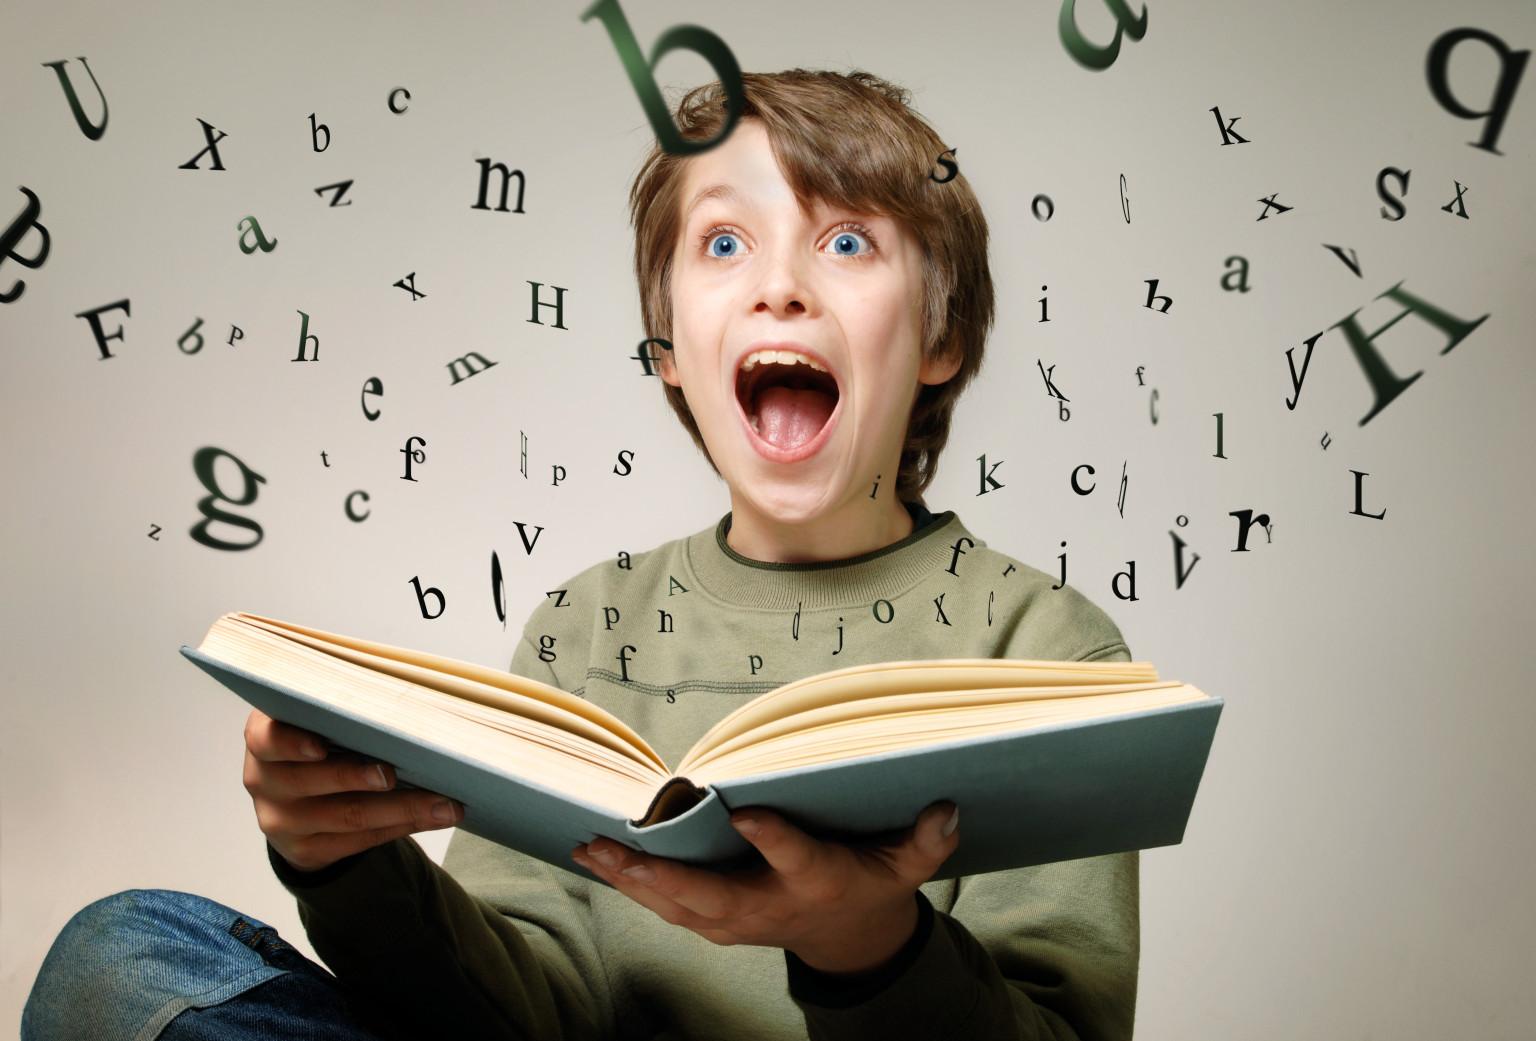 Картинки по запросу kid reading